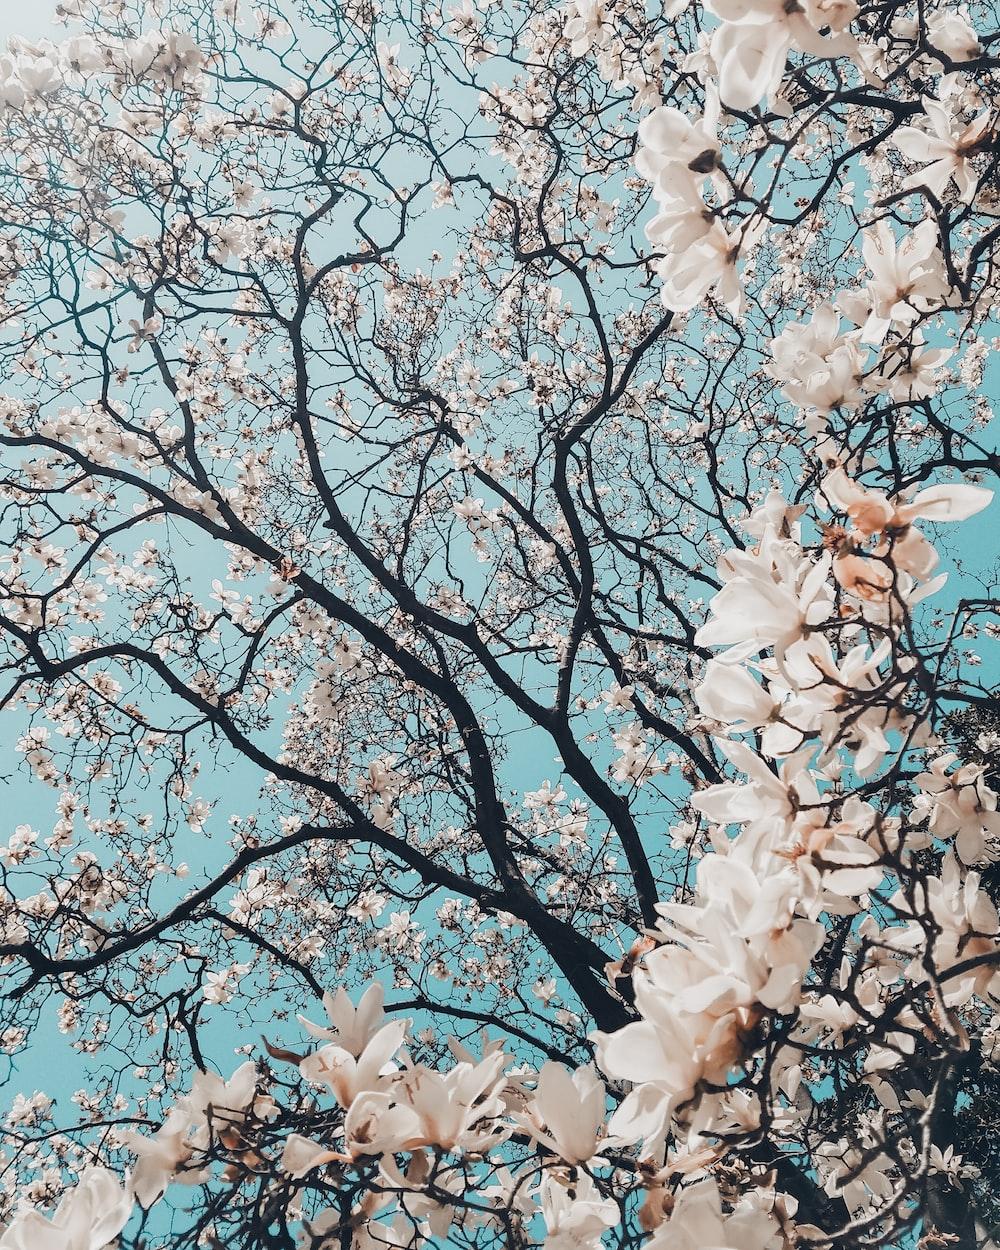 sakura tree in bloom